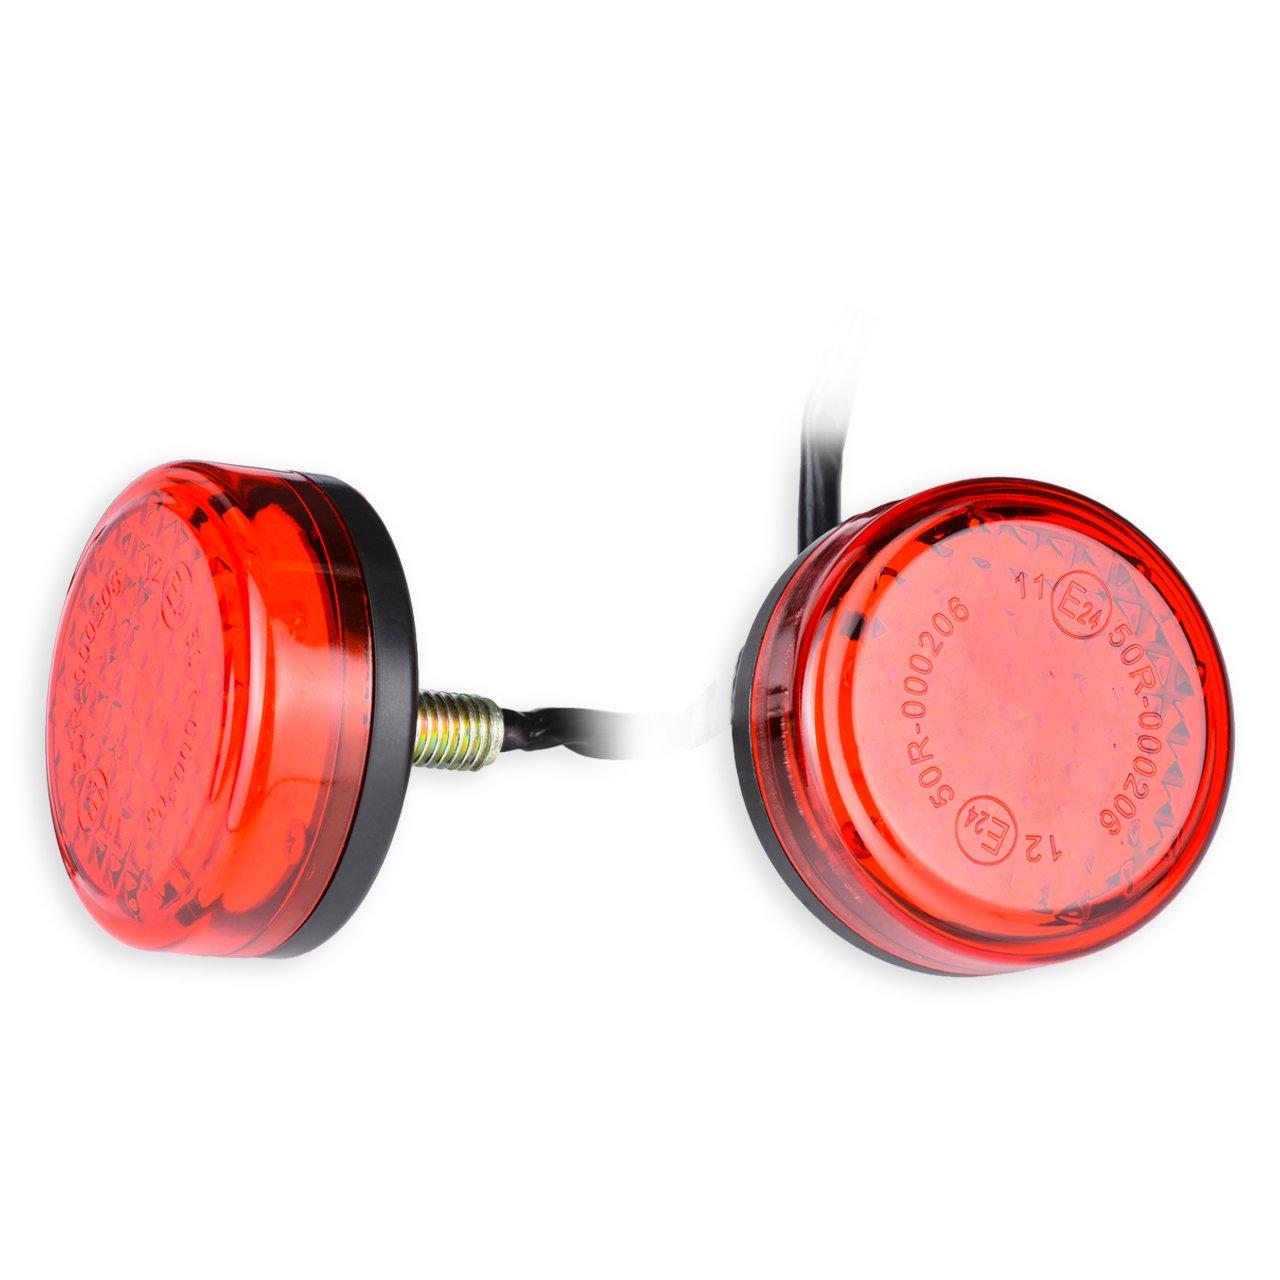 KaTur Wasserdicht Rot 24 LED Runde Reflektoren Heckbremse Stop Begrenzungsleuchte LKW Anh/änger RV ATV Motorrad